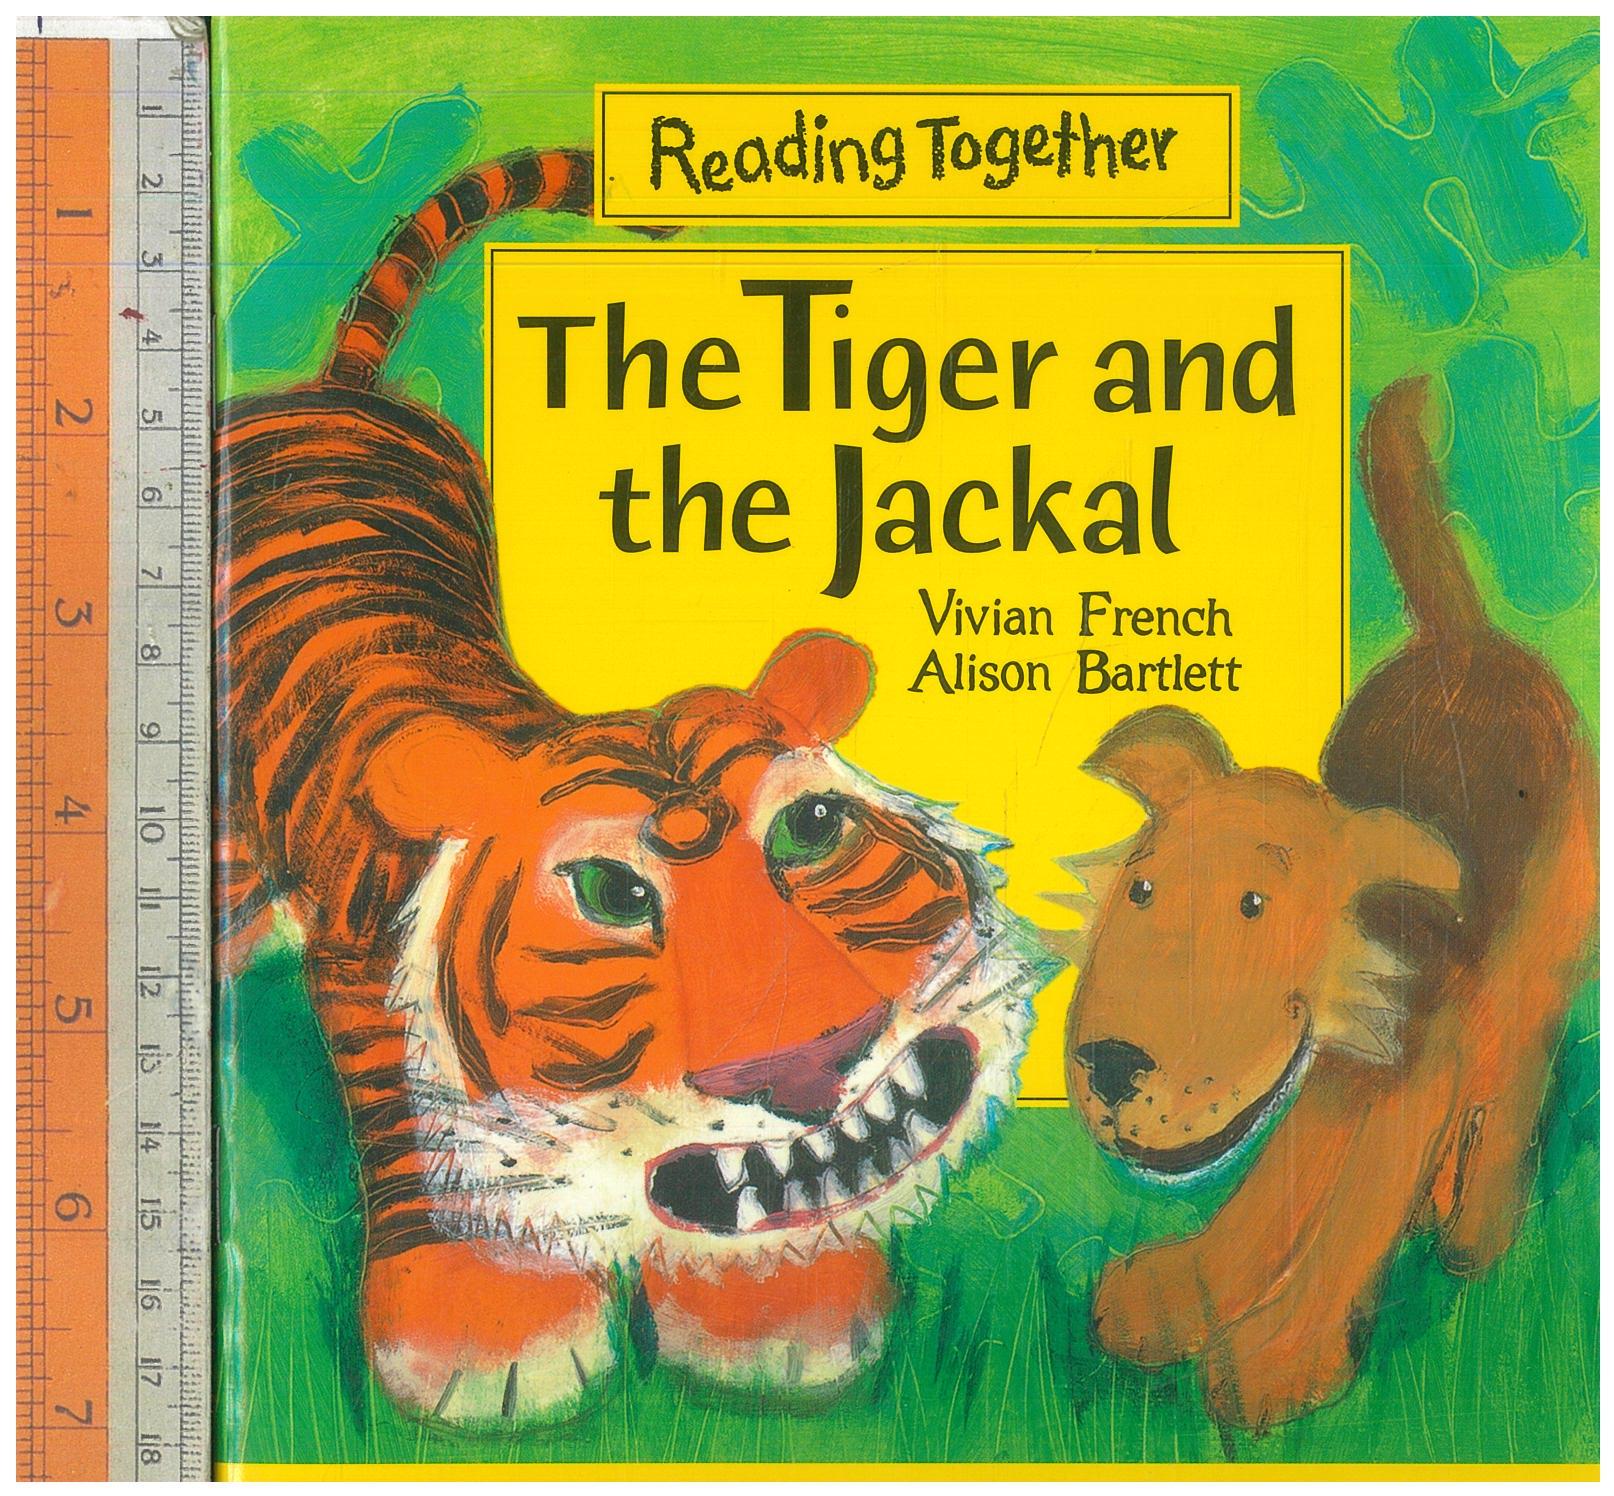 tiger and jackal